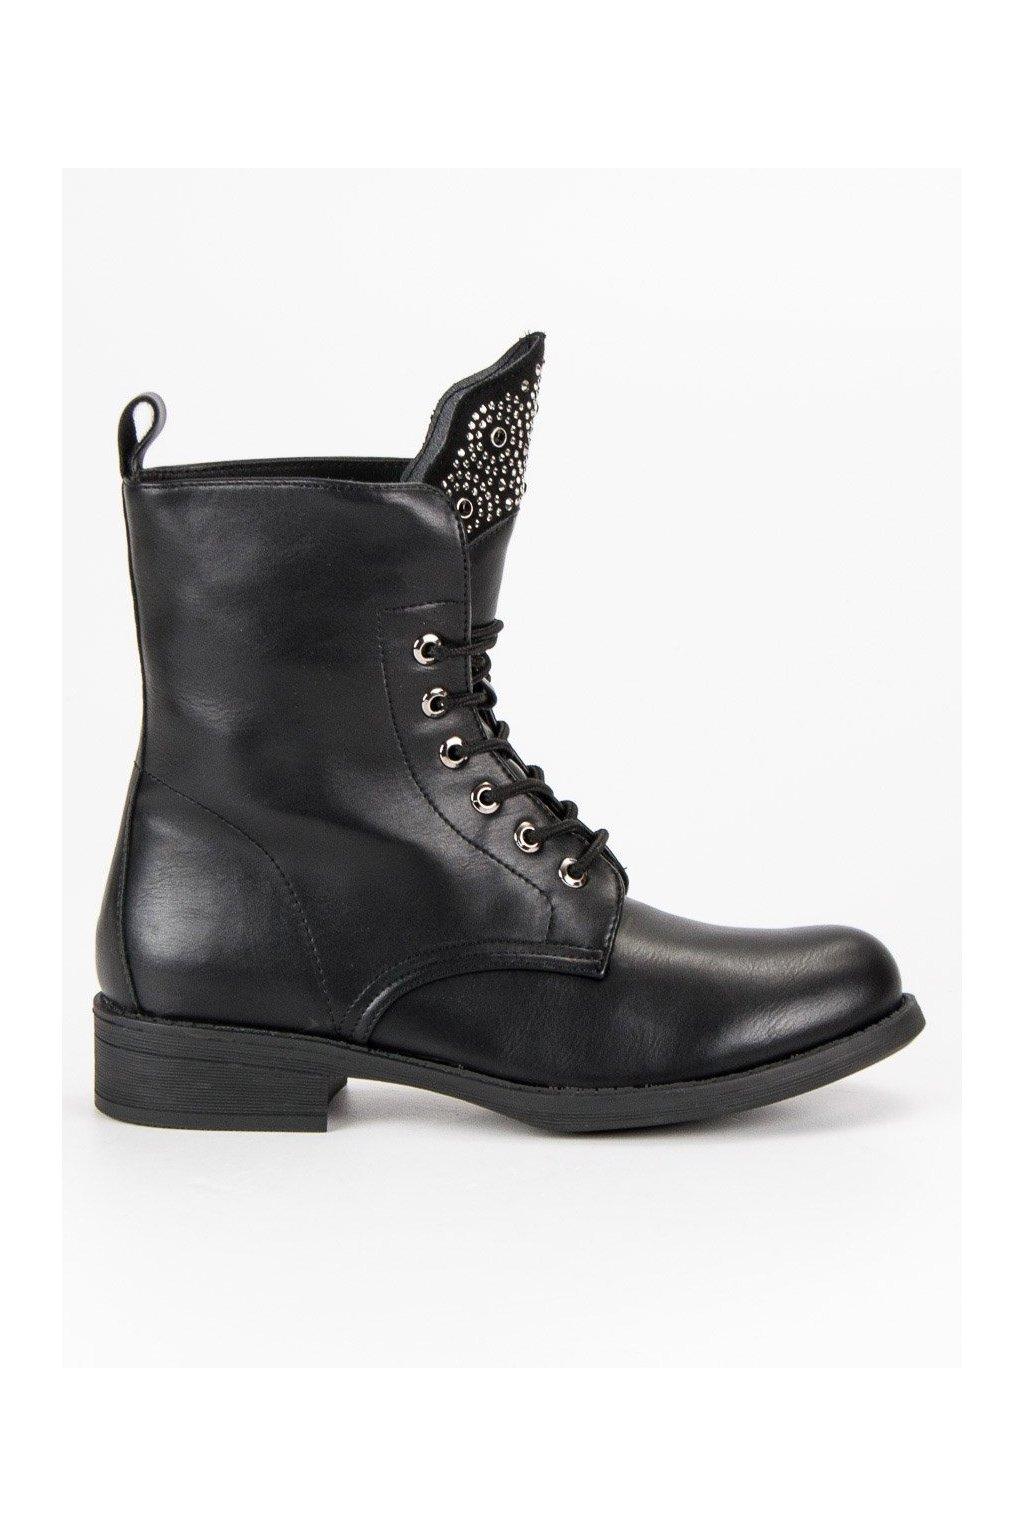 Semišové topánky dámske čierne workery  9749026db0e